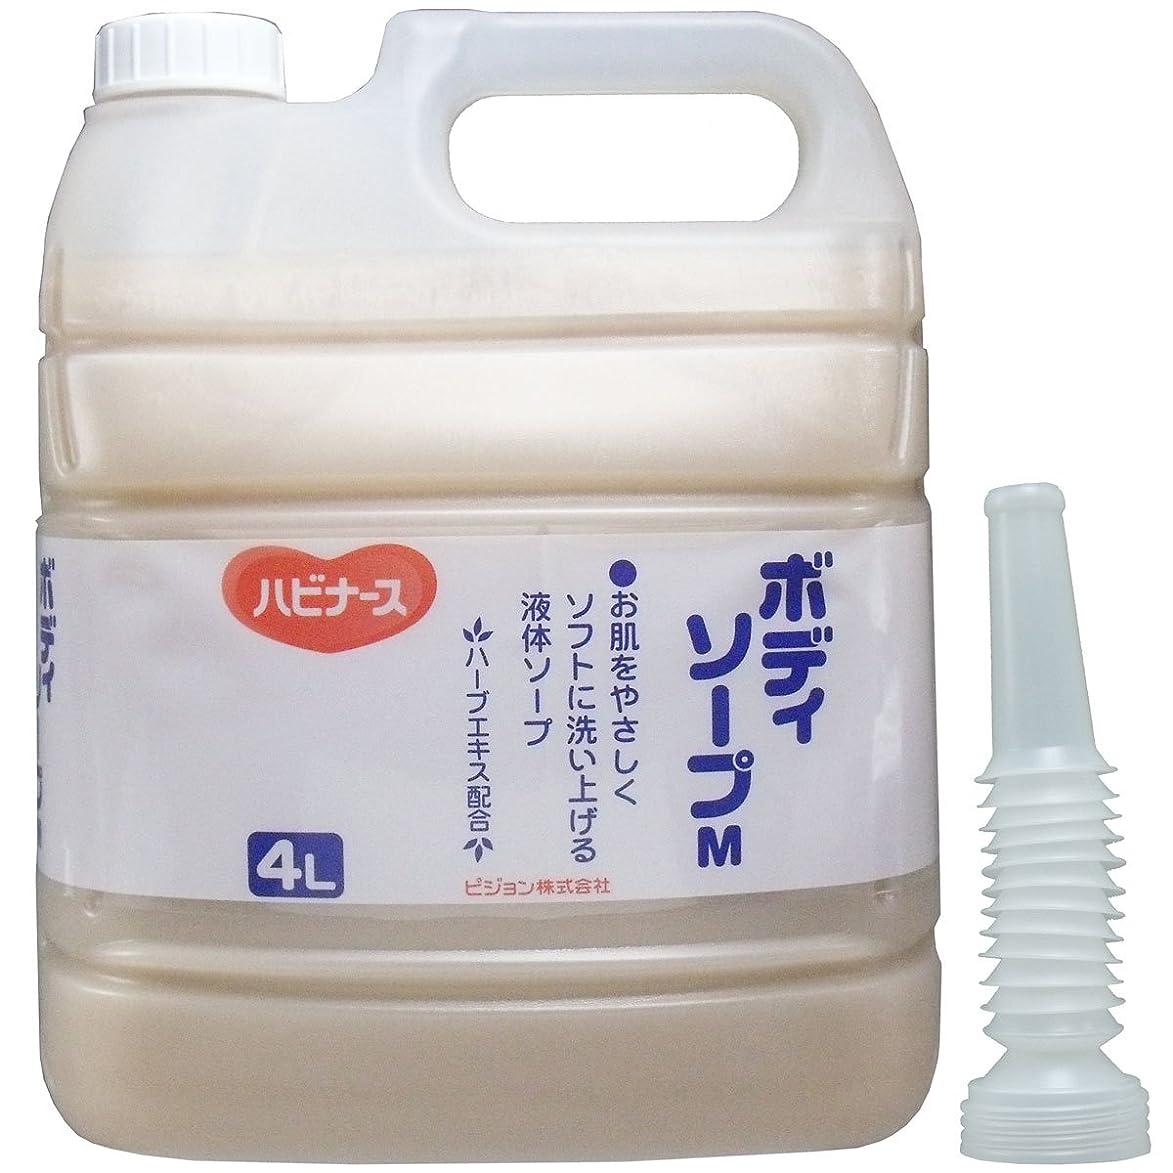 吐く指定する肺炎ハビナース ボディソープM 業務用 4L【4個セット】